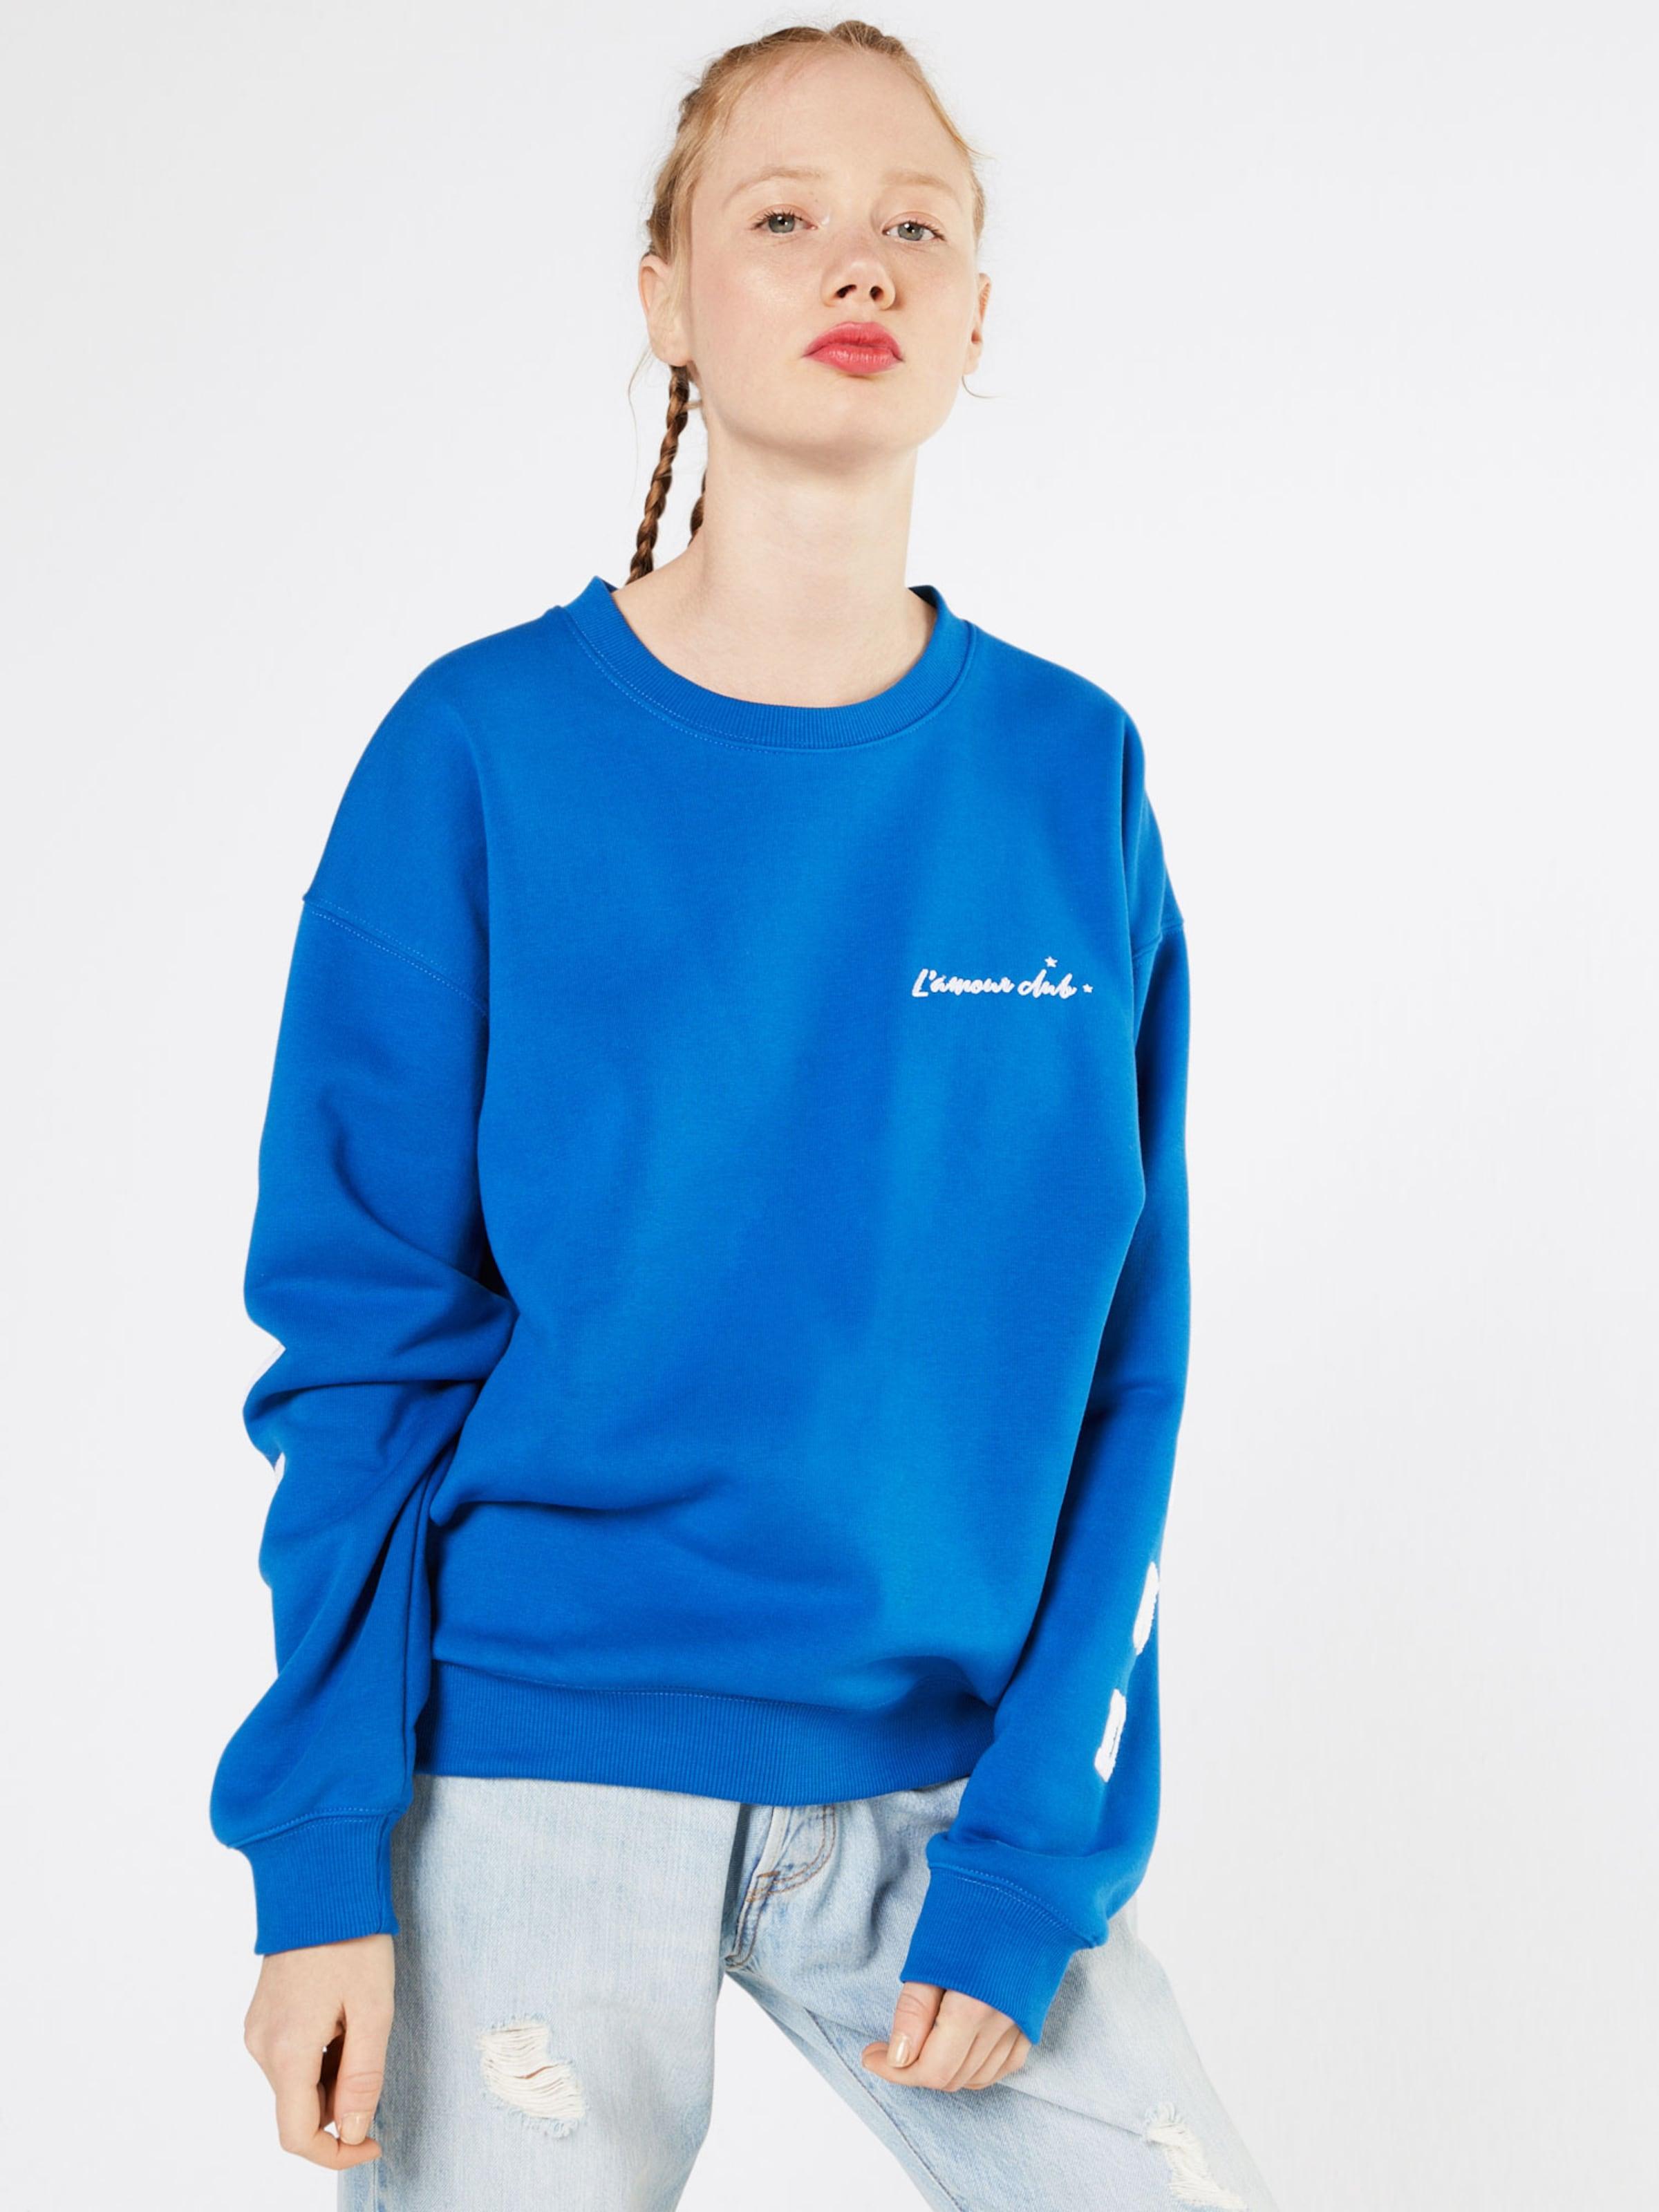 Colourful Rebel Sweatshirt 'Lover Friend' Besuch Aus Deutschland Günstig Kaufen Steckdose Neue Stile Rabatt Offizielle Seite aKZj9Ah2sQ